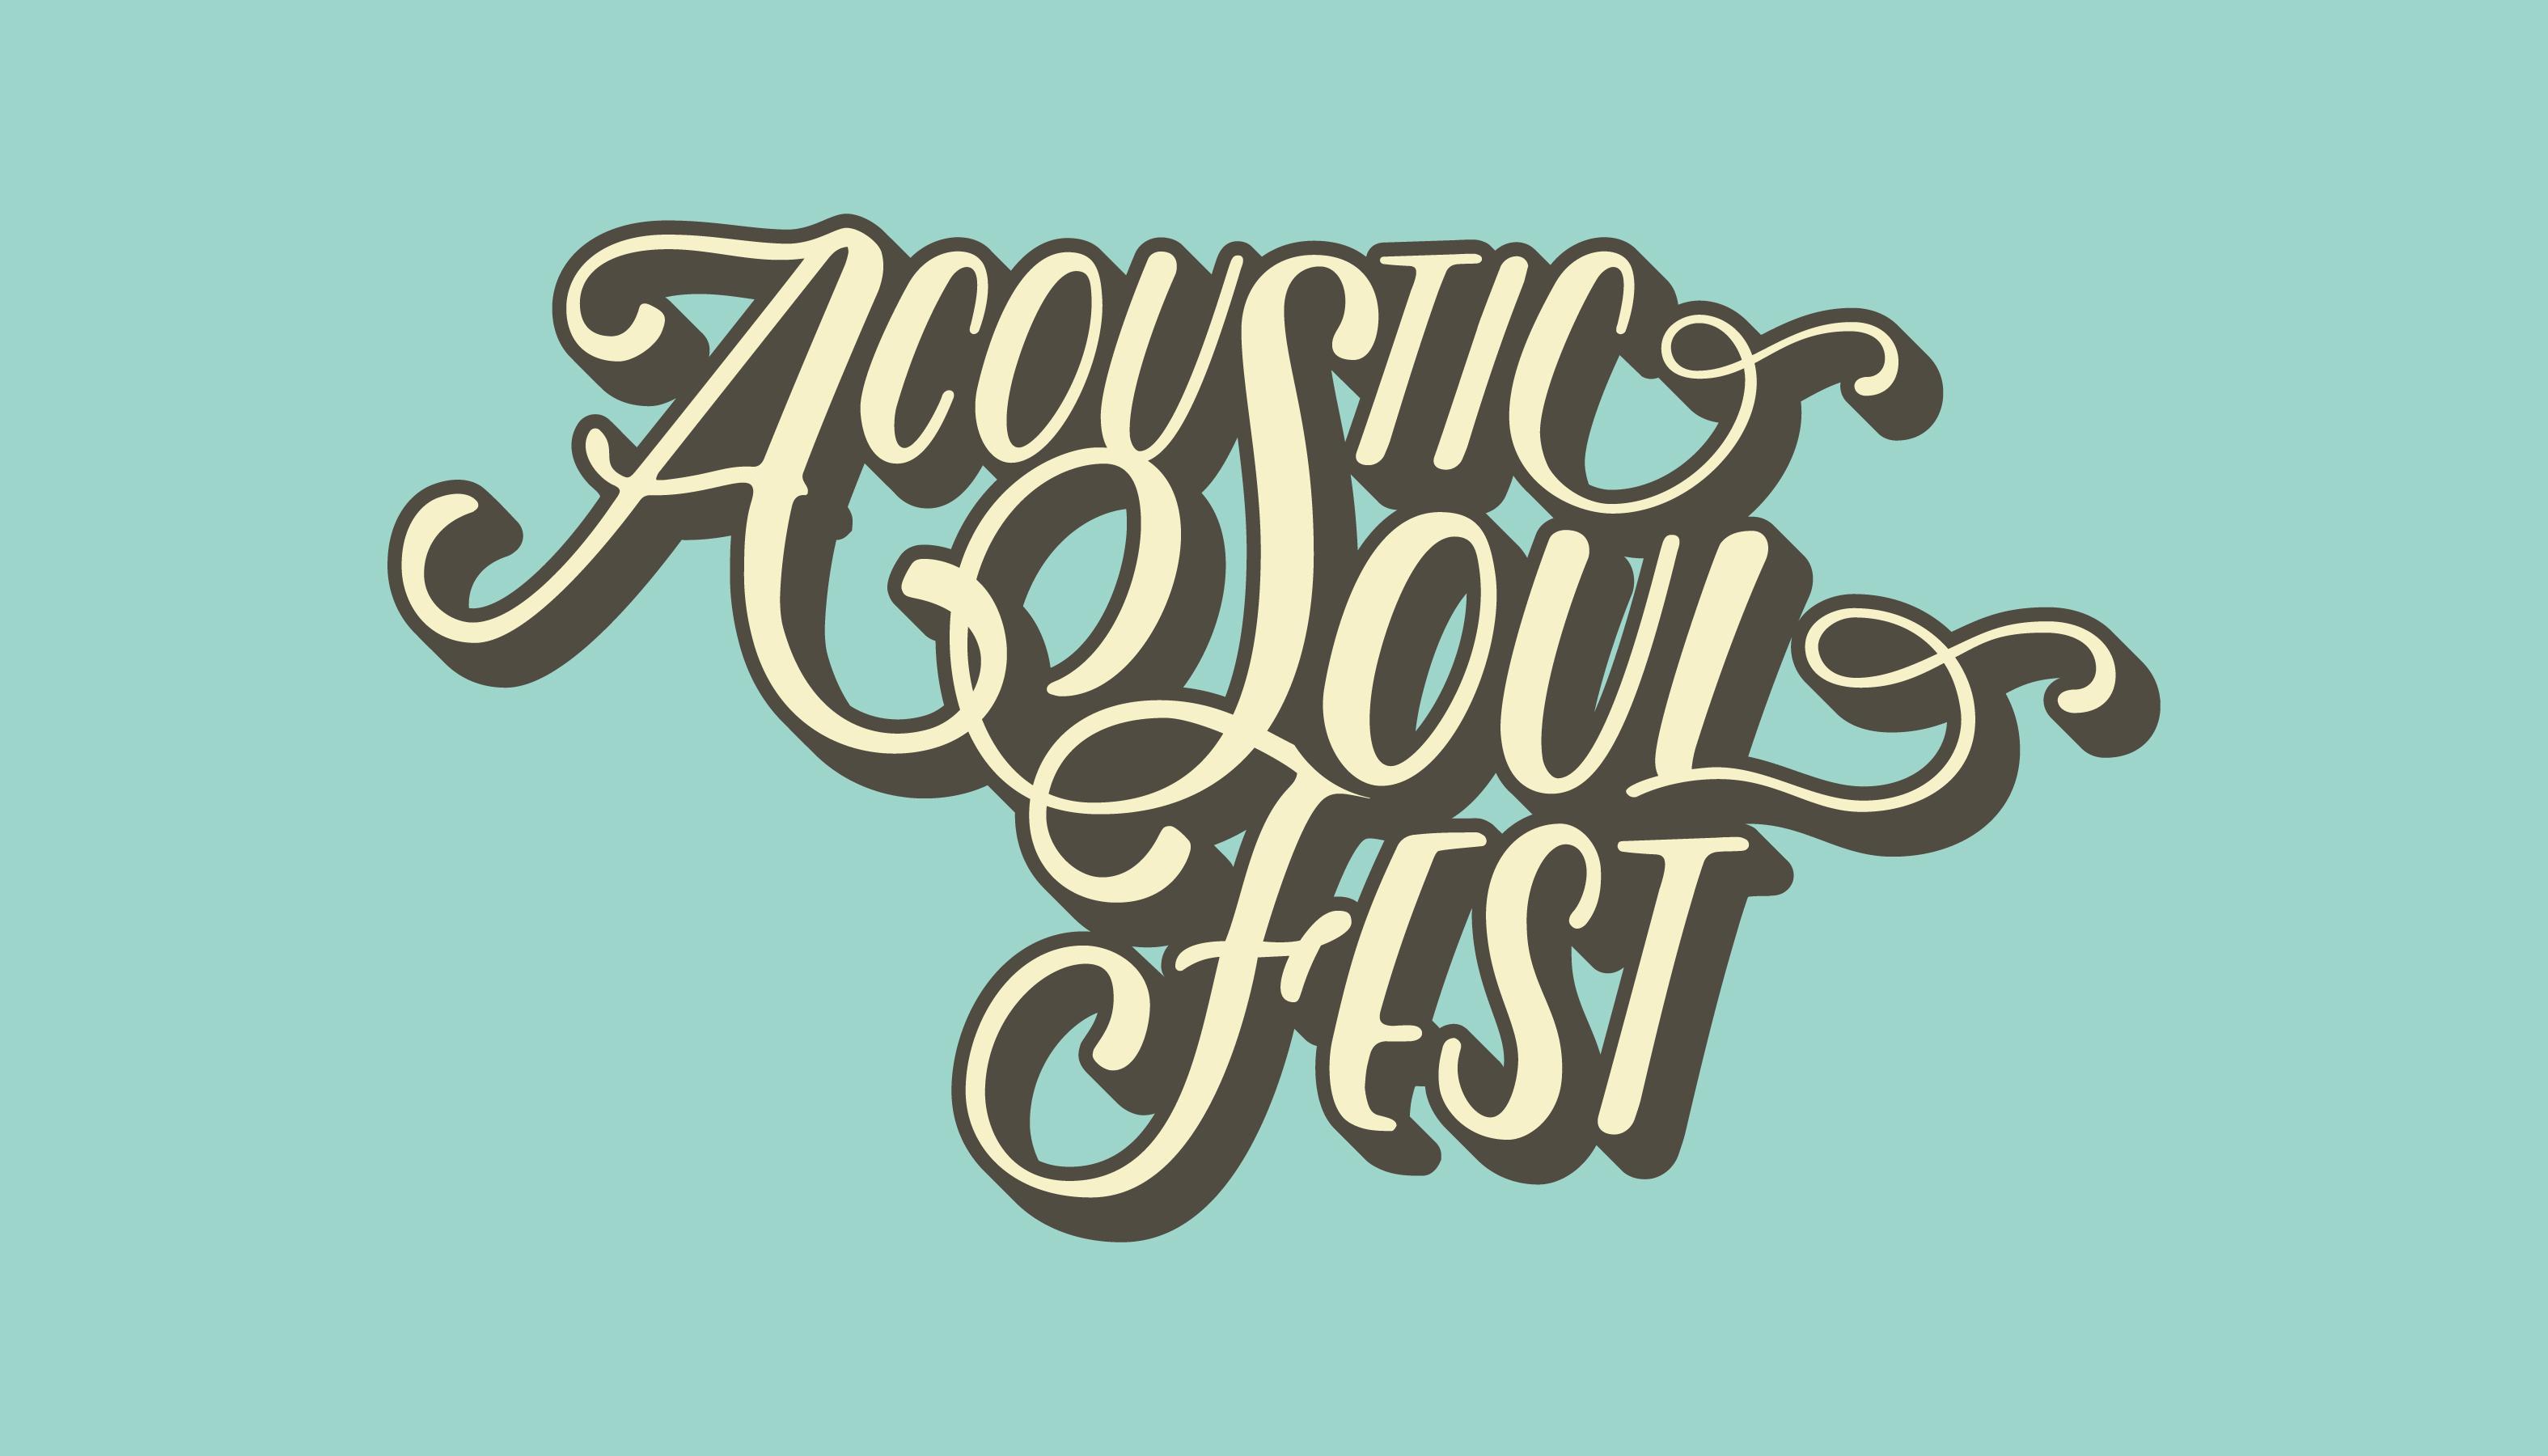 Acoustic Soul Fest Logo / Design by Heidi Skinner